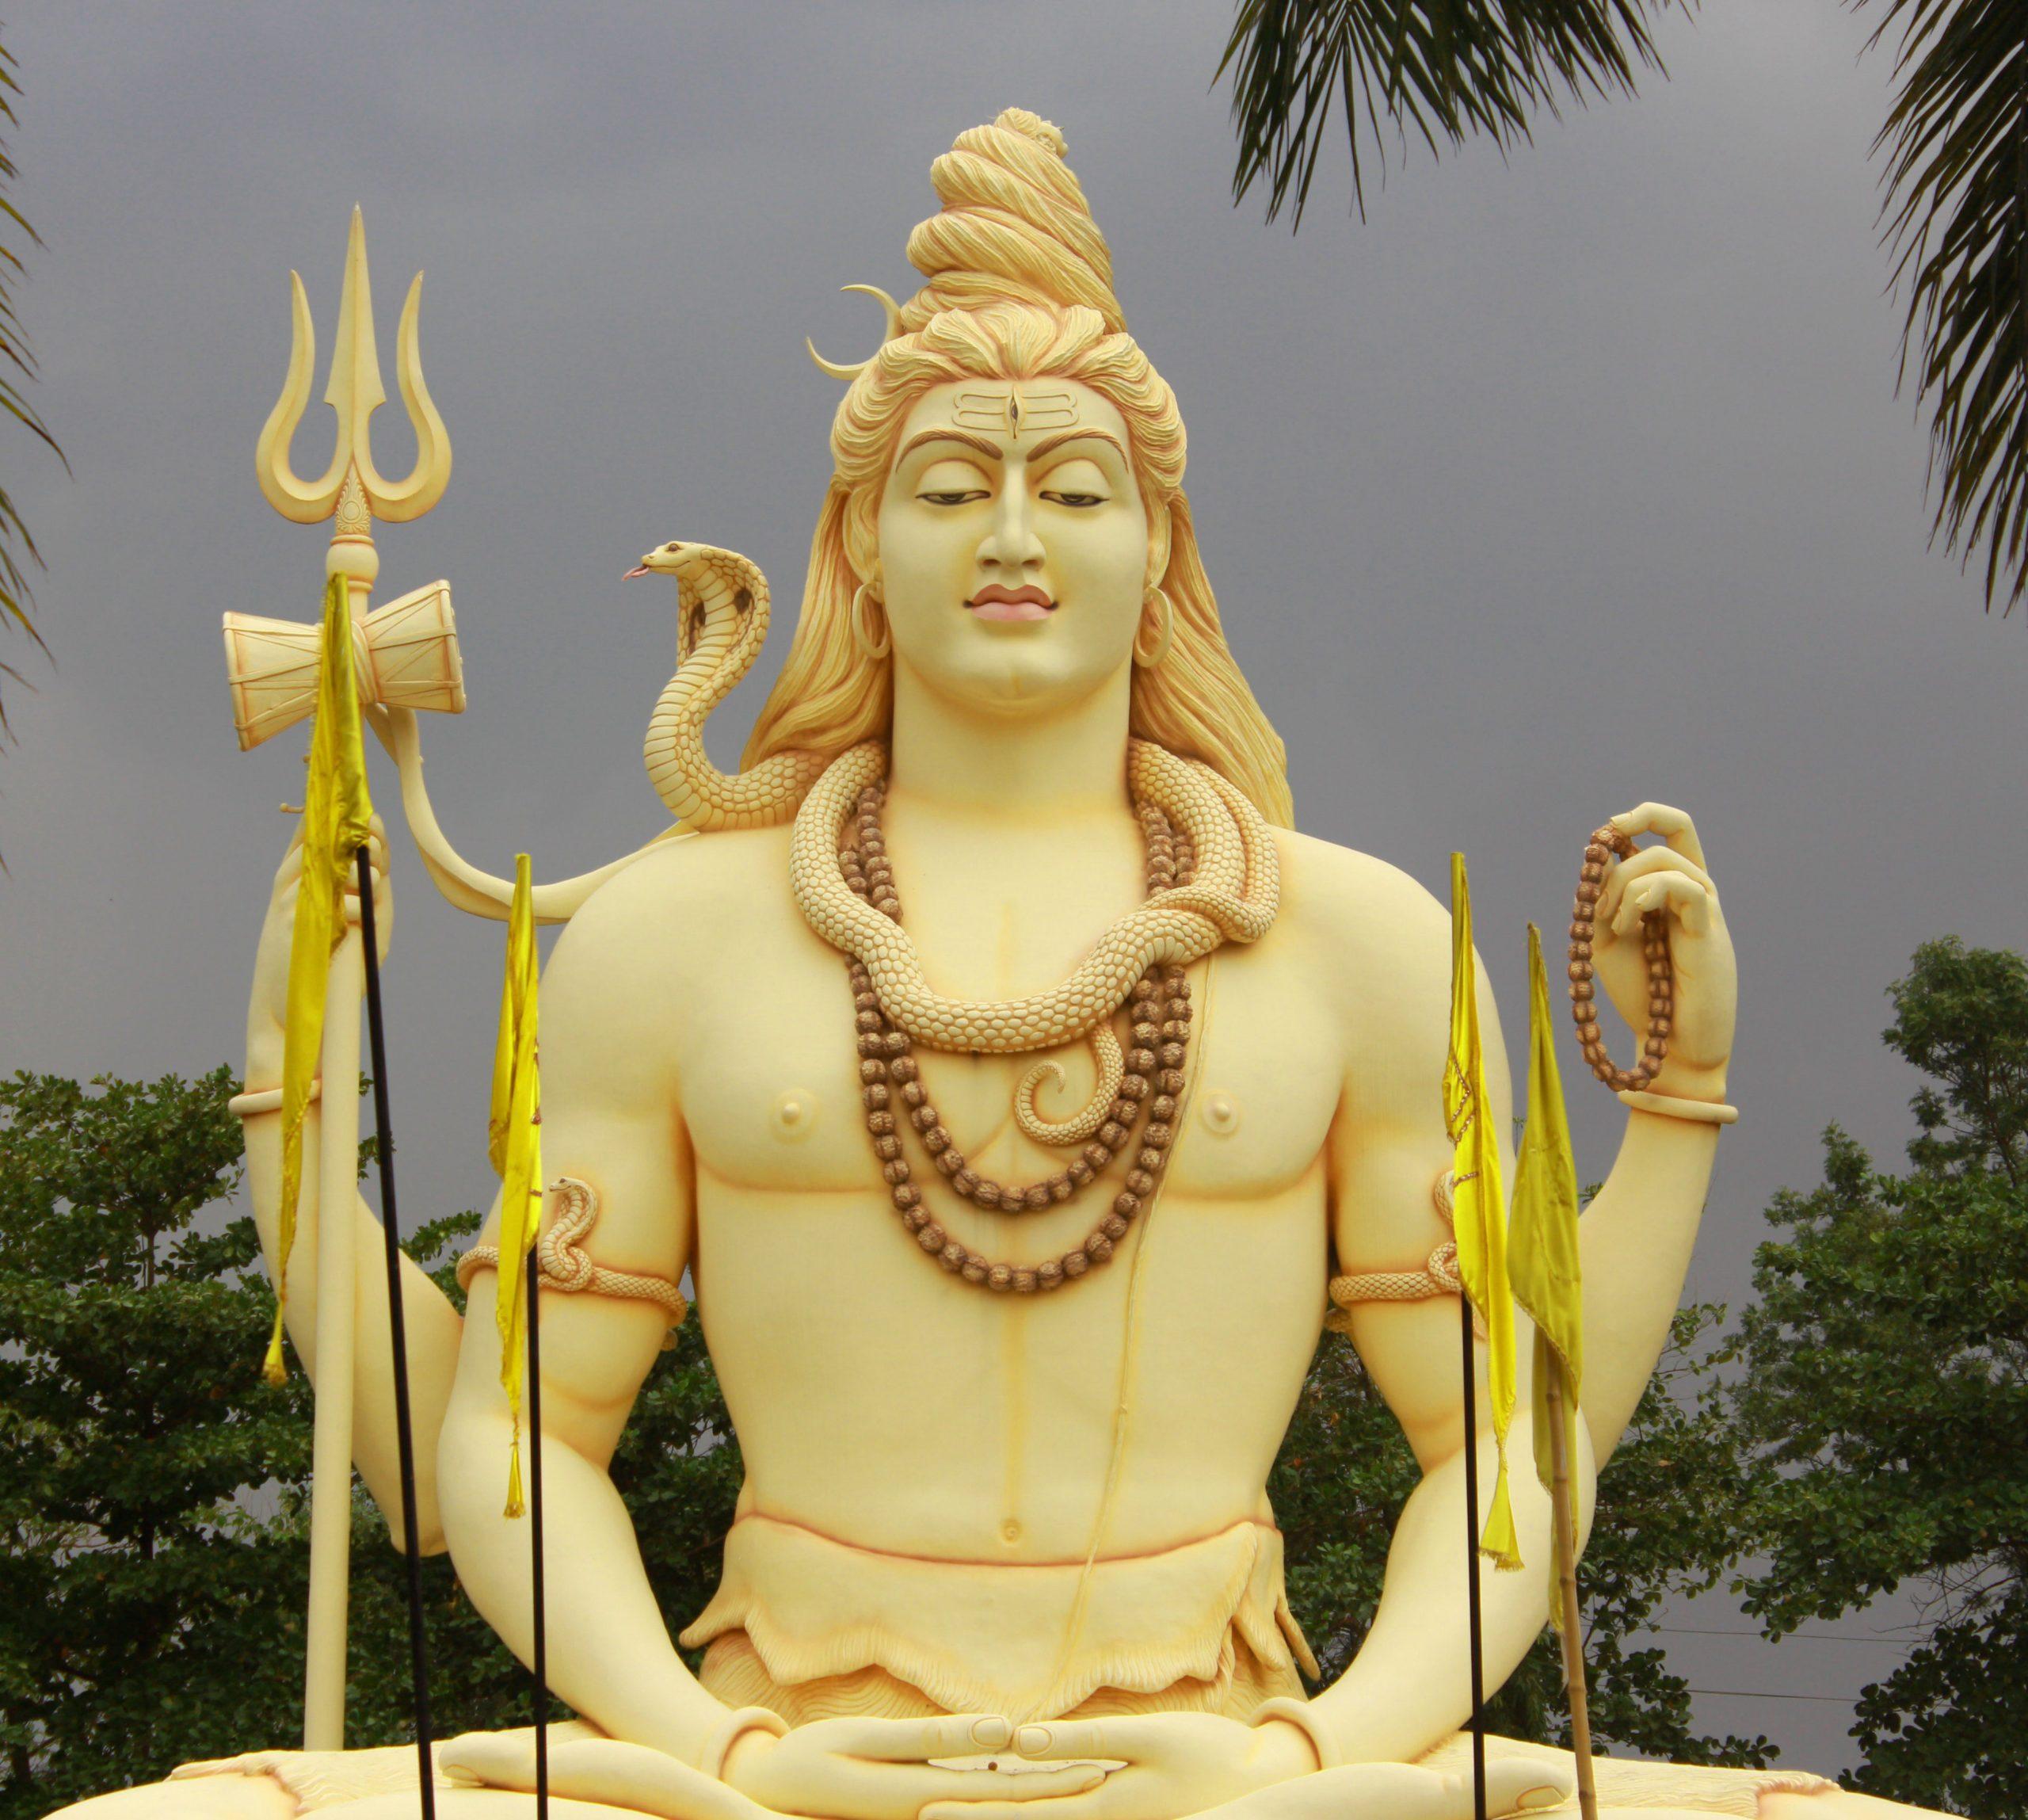 new Beautiful Shiva Images photo hd